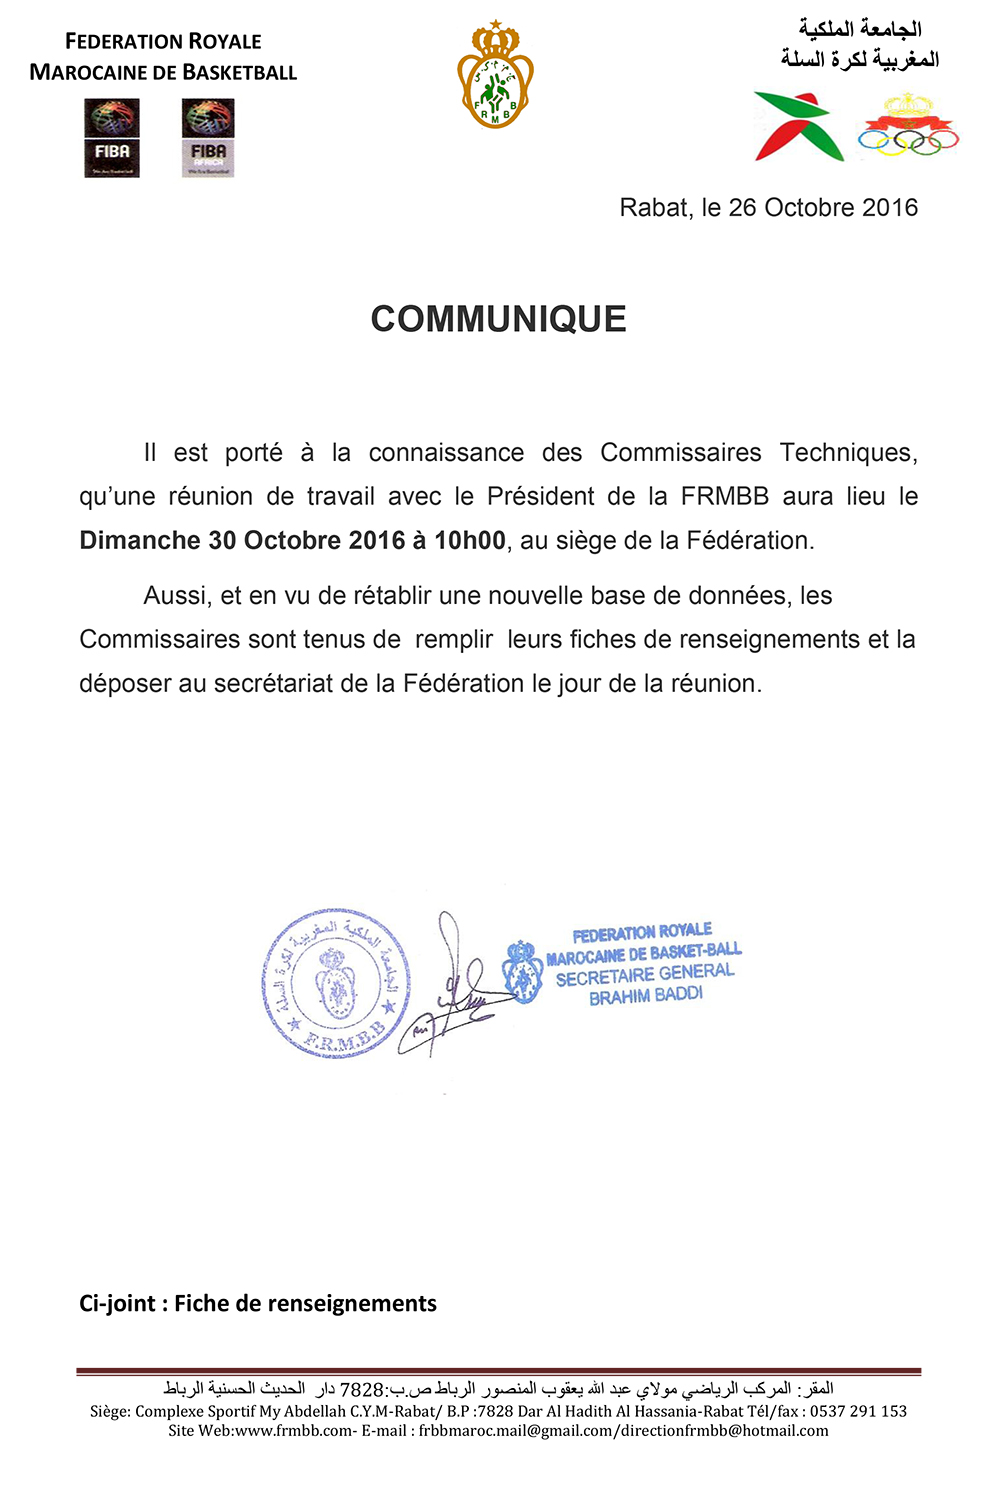 communique-de-reunion-des-commissaires-avec-le-president-de-la-frmbb-16-17